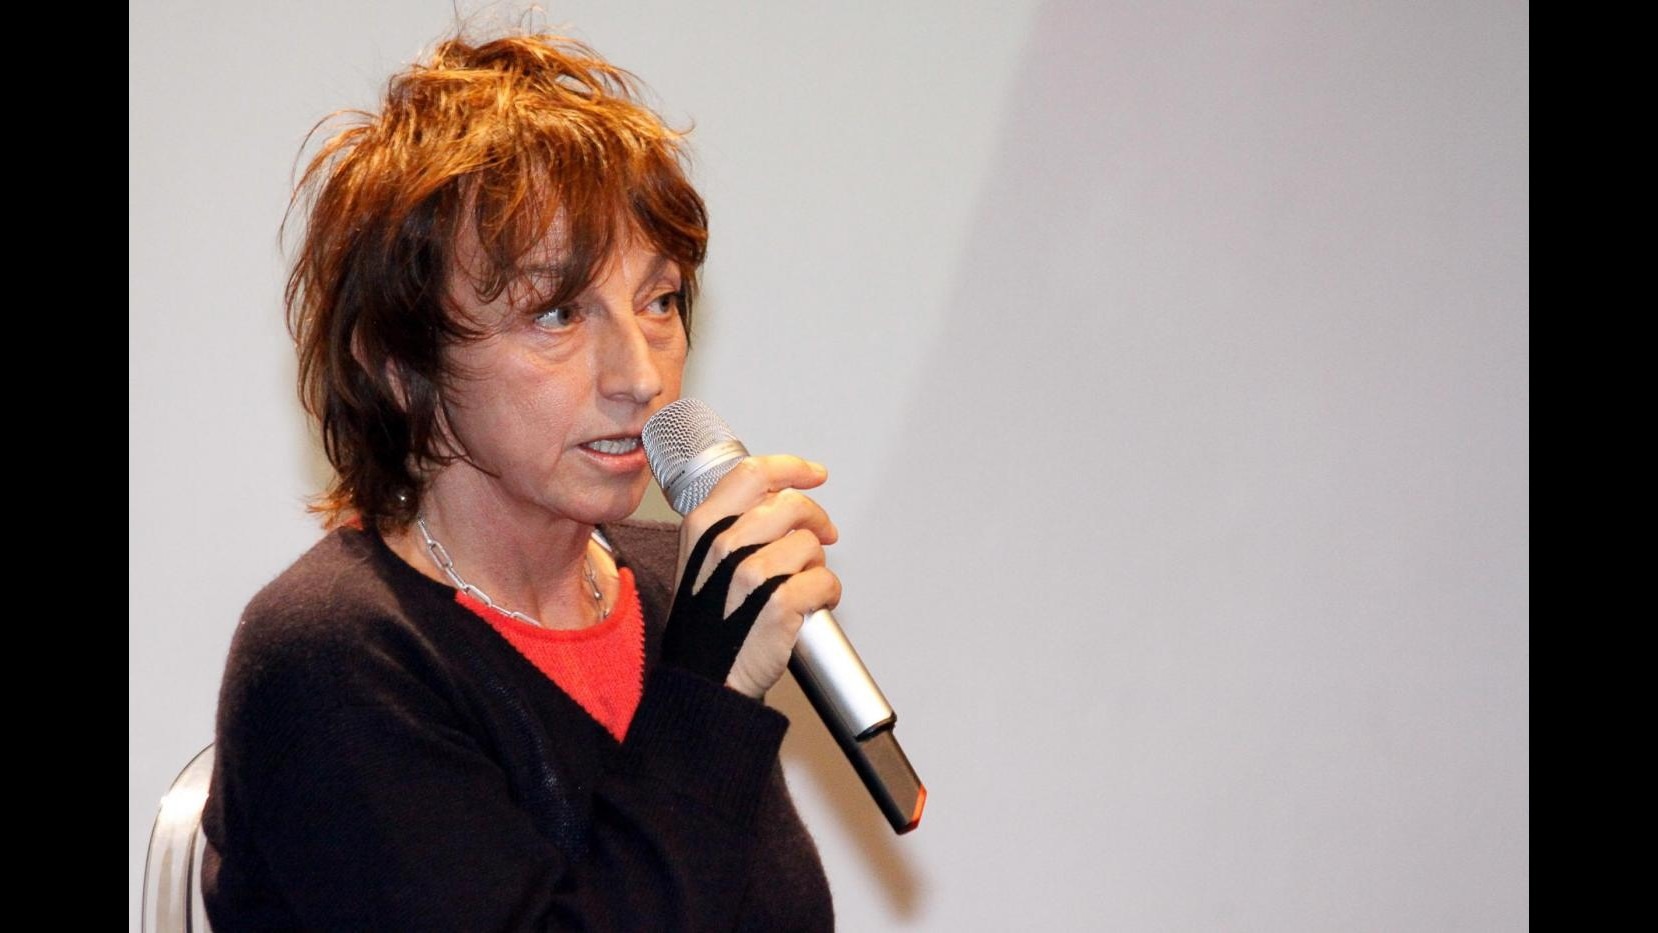 Gianna Nannini, esce il nuovo album 'Inno' alla vita e alla rinascita